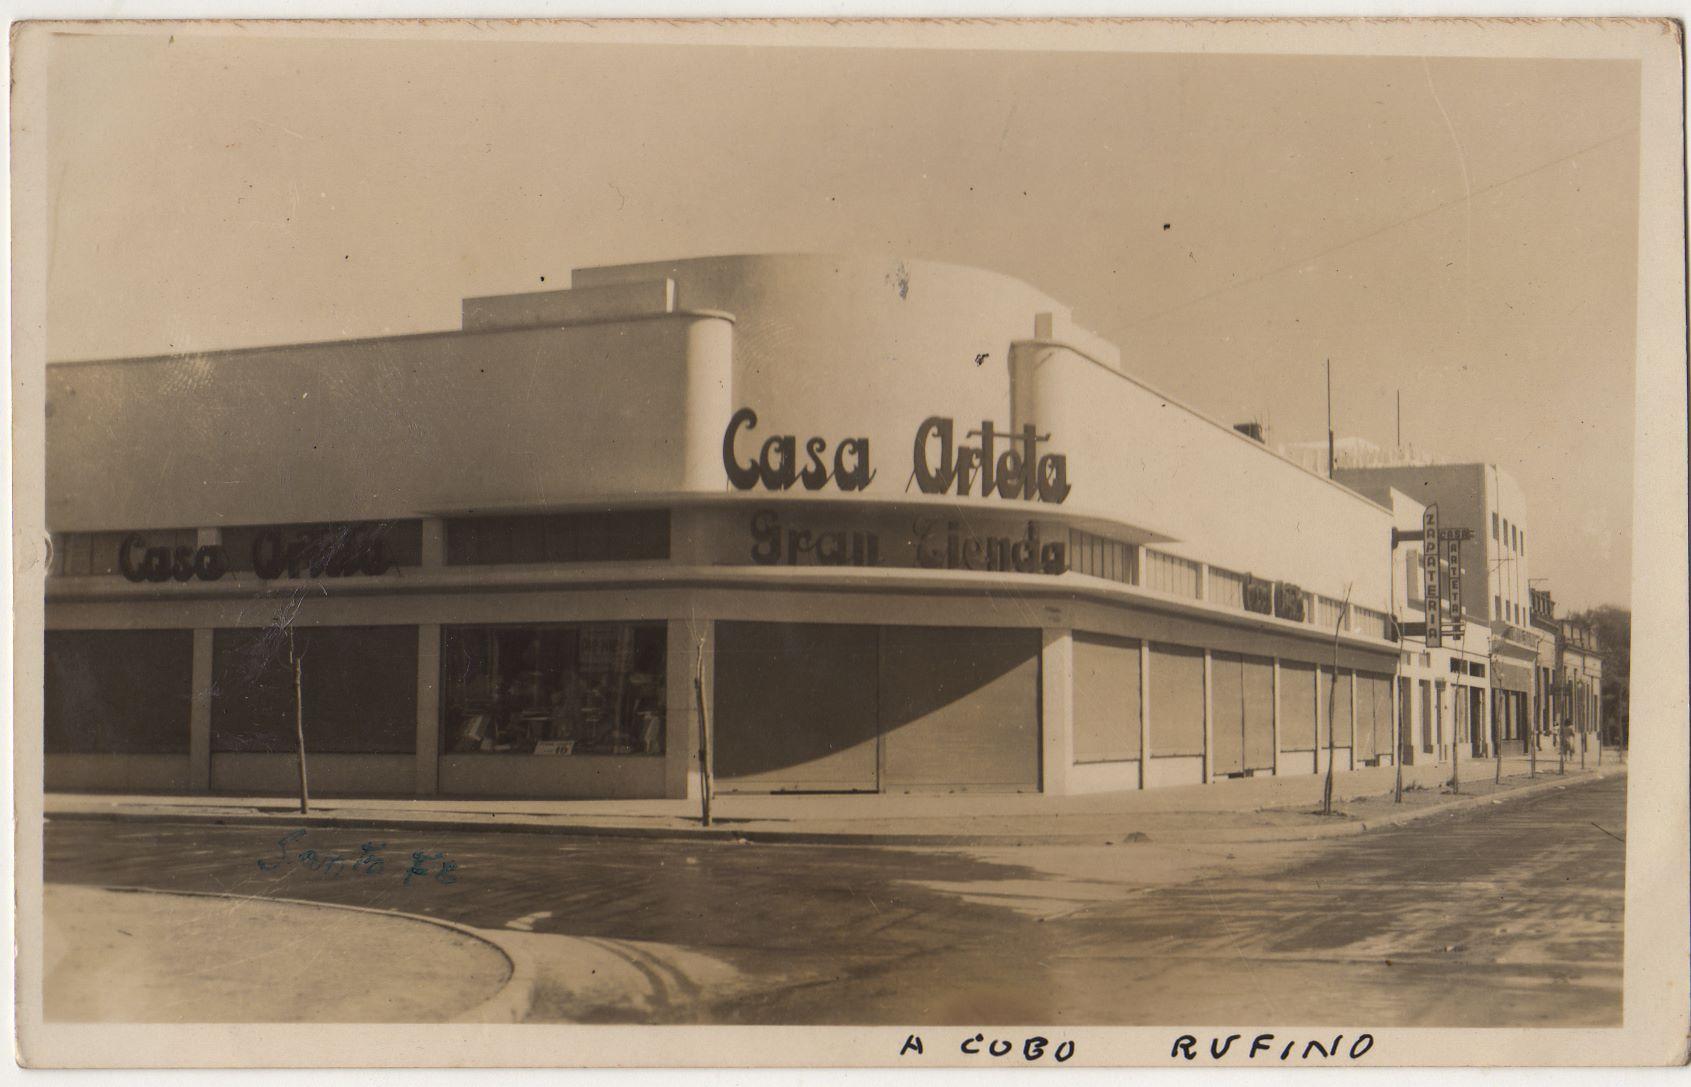 La foto la gran tienda casa arteta - Catalogo gran casa ...